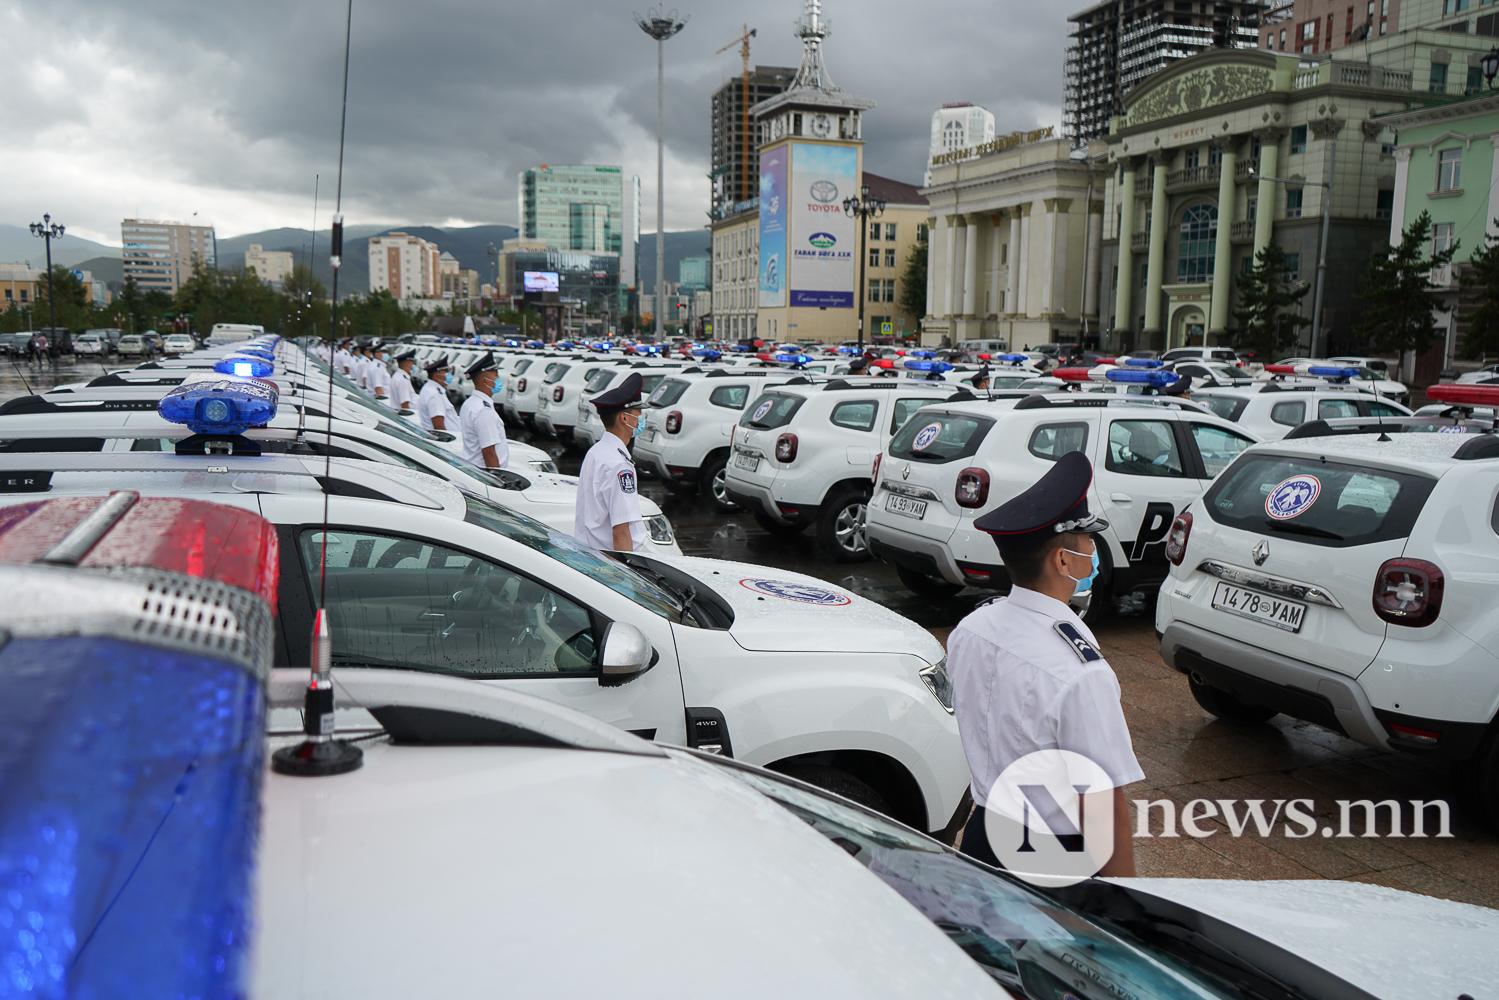 Нийслэлийн эрүүл мэнд, цагдаагийн байгууллагад 92 автомашин гардуулж байна (45 of 45)